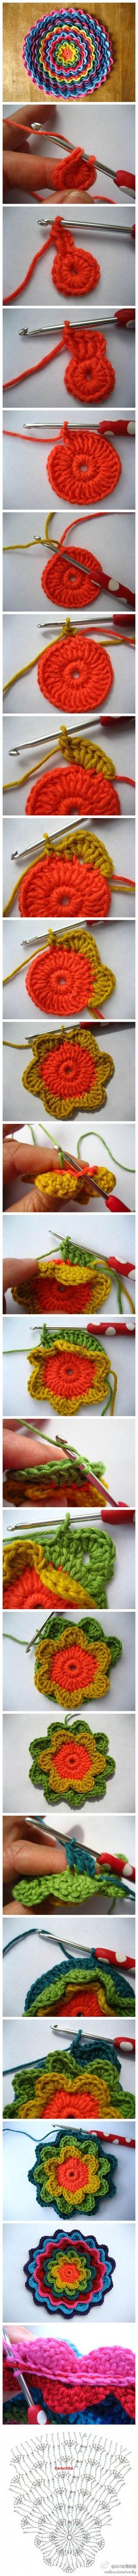 Crochet Flower - Tutorial. bello, sarebbe un centrino ma la tecnica va bene anche per altre cose